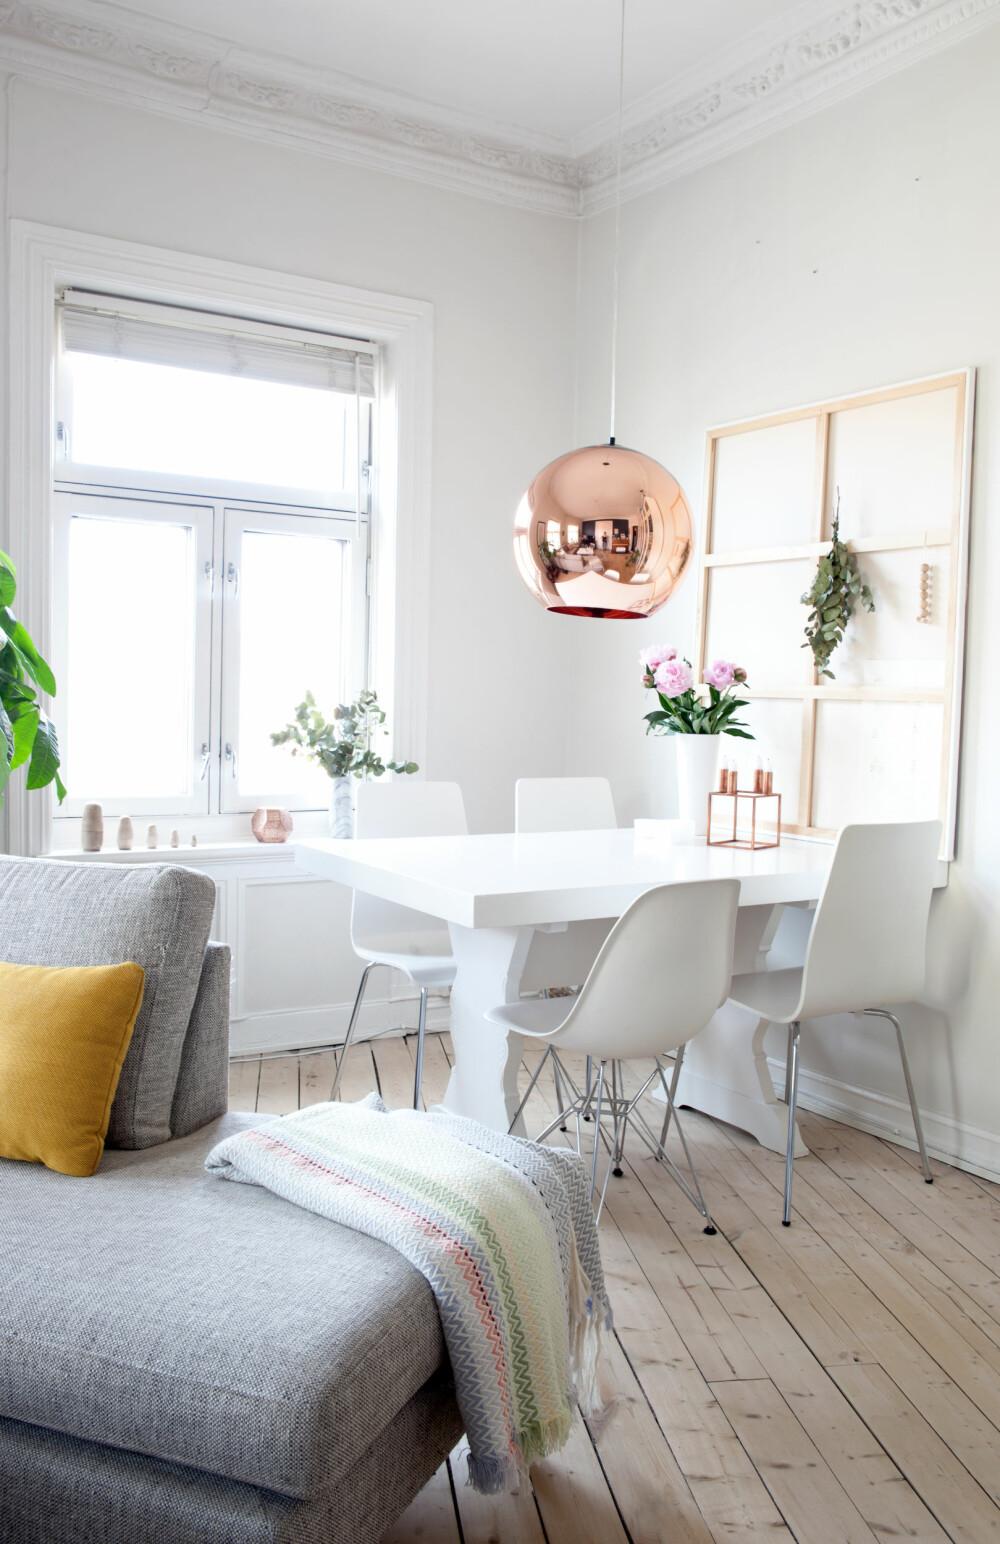 KREATIVT: Noen ganger trenger det store bildet over spisebordet å hvile litt, og da er det genialt å bare snu det rundt og bruke baksiden som en slags ramme.